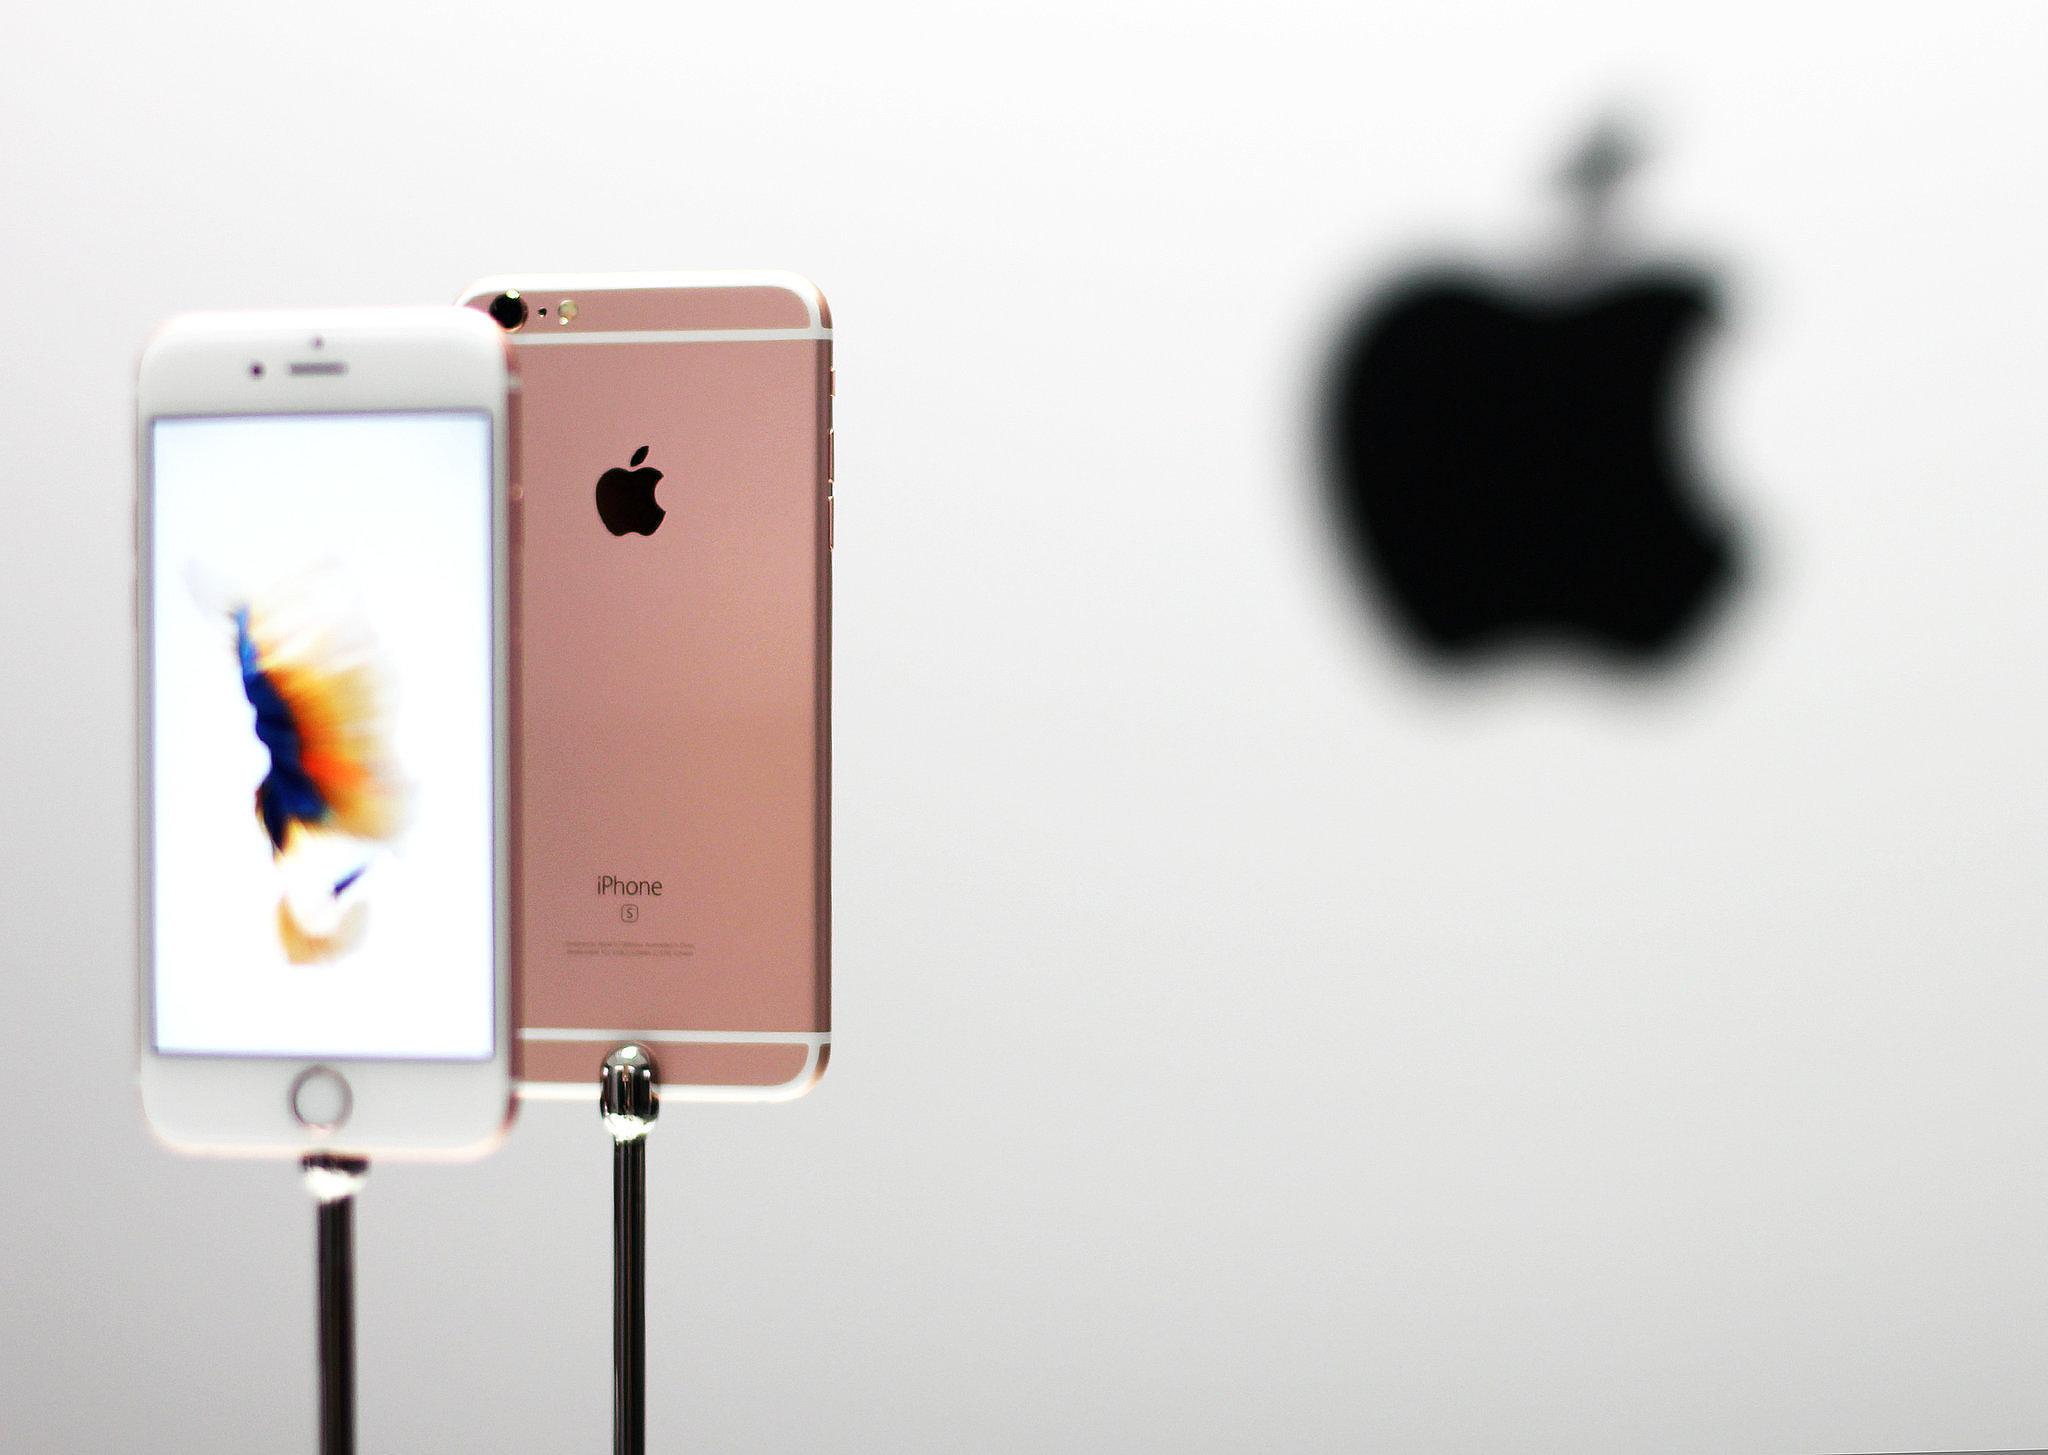 c6789298_New-iPhones.xxxlarge_2x